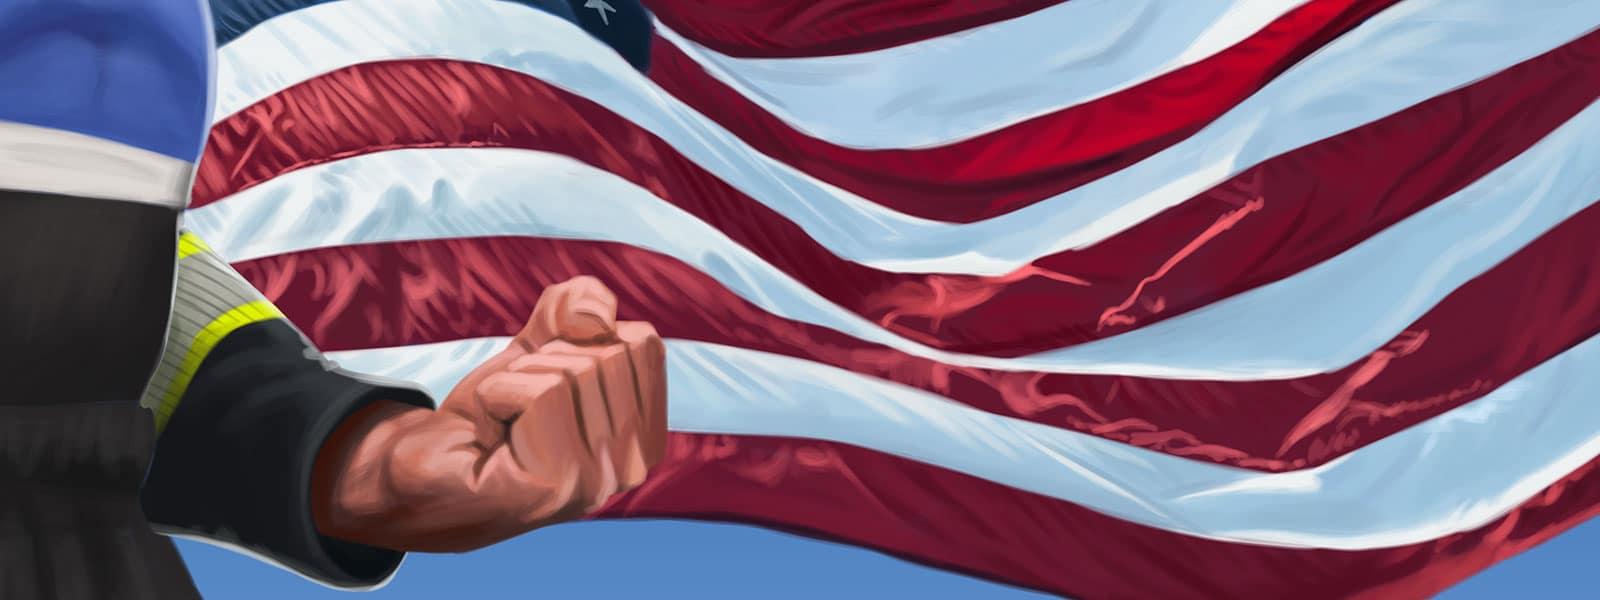 Flag details